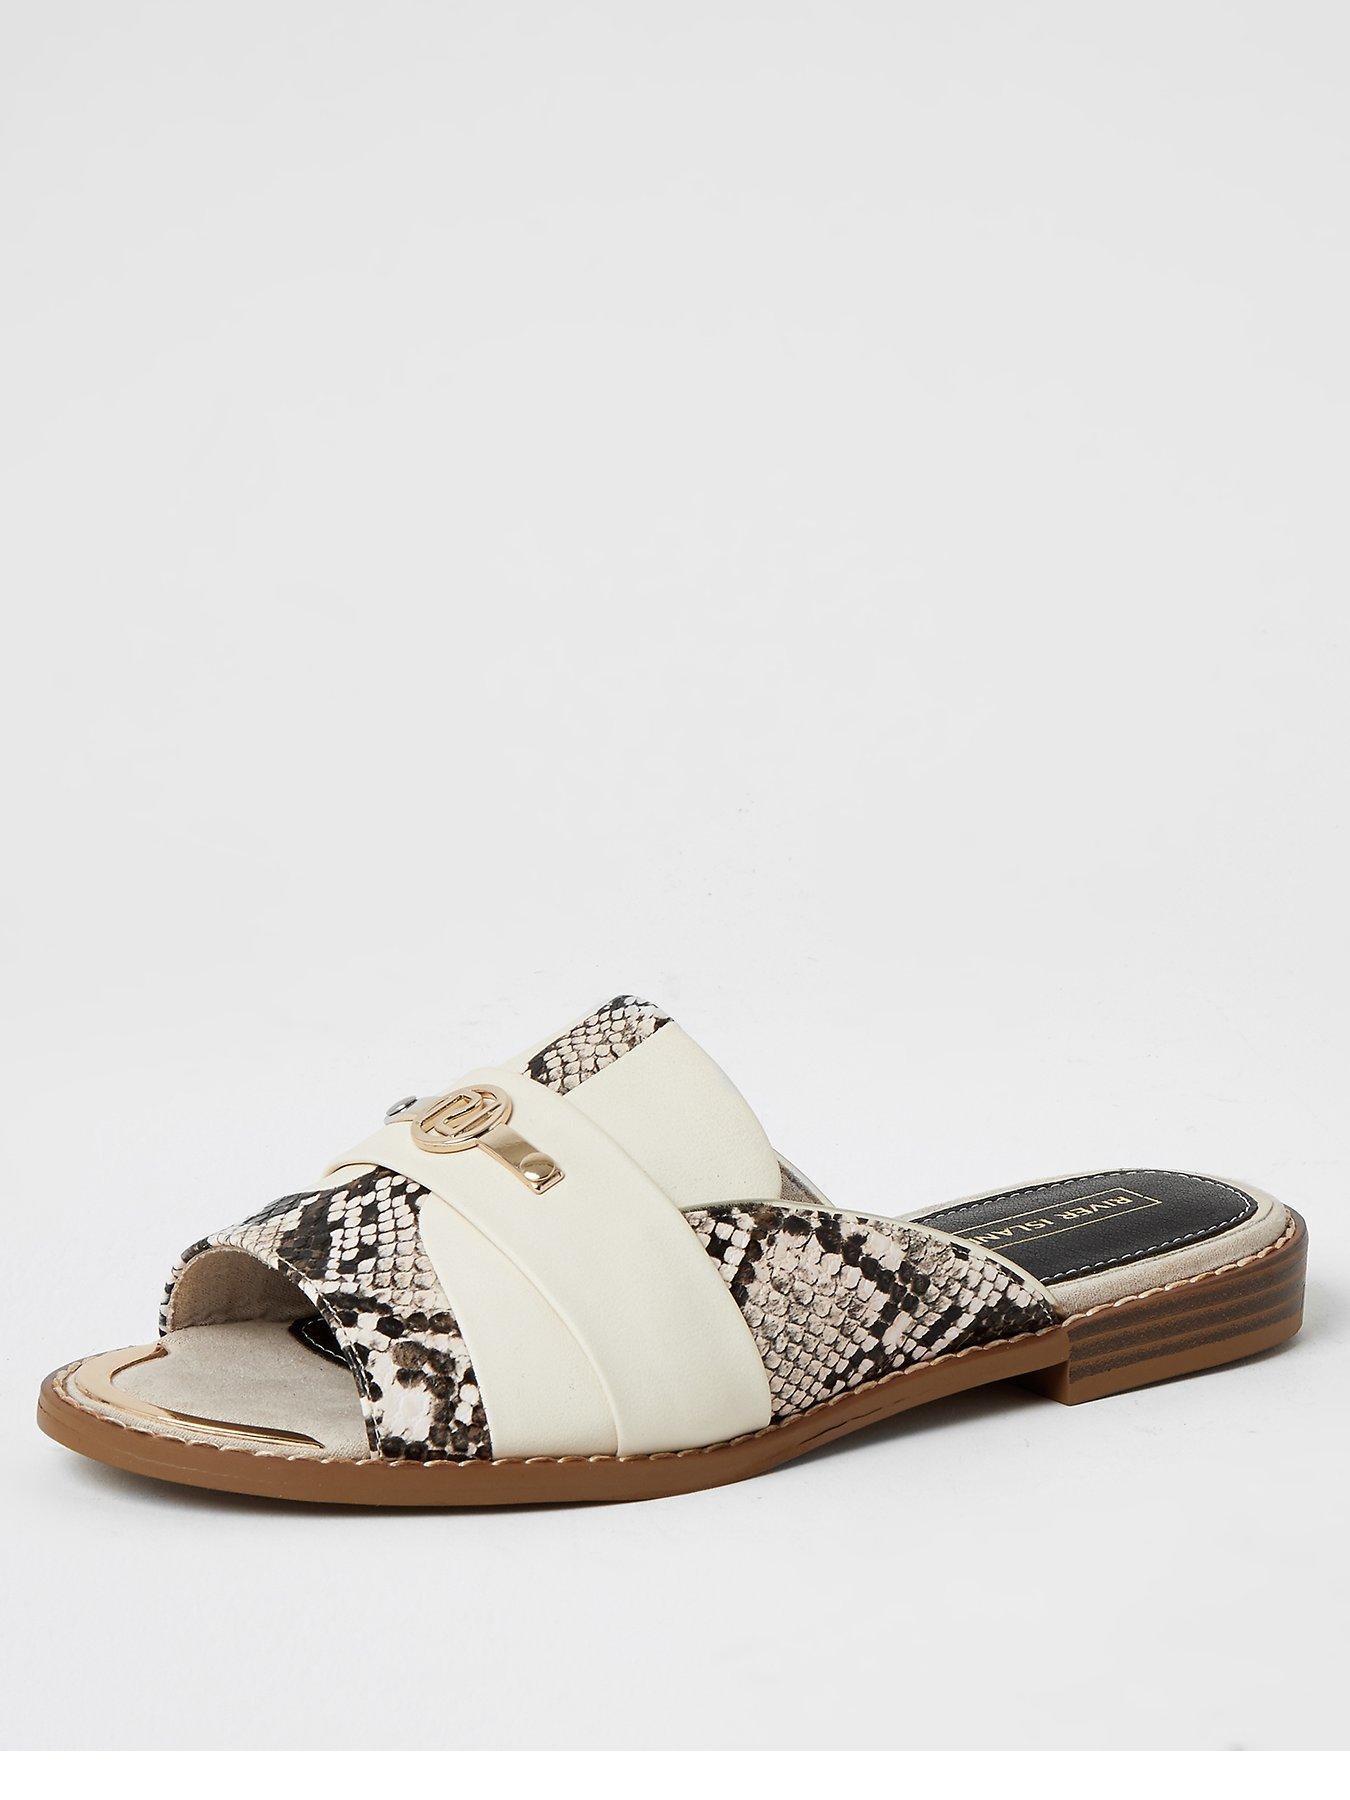 Flat Sandals   River island   Sandals